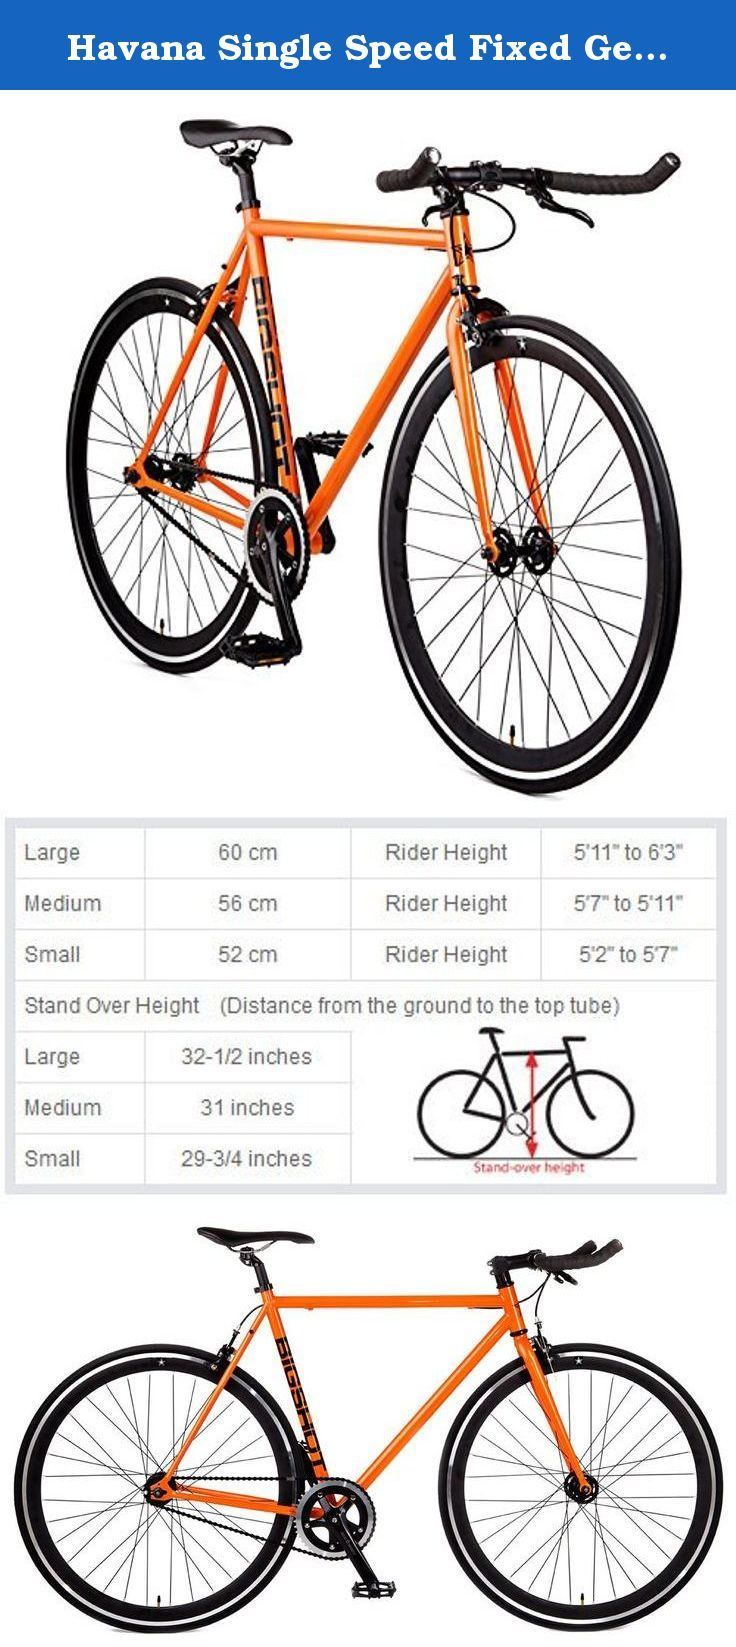 Havana Single Speed Fixed Gear Road Bike Size Medium 56cm 5 7